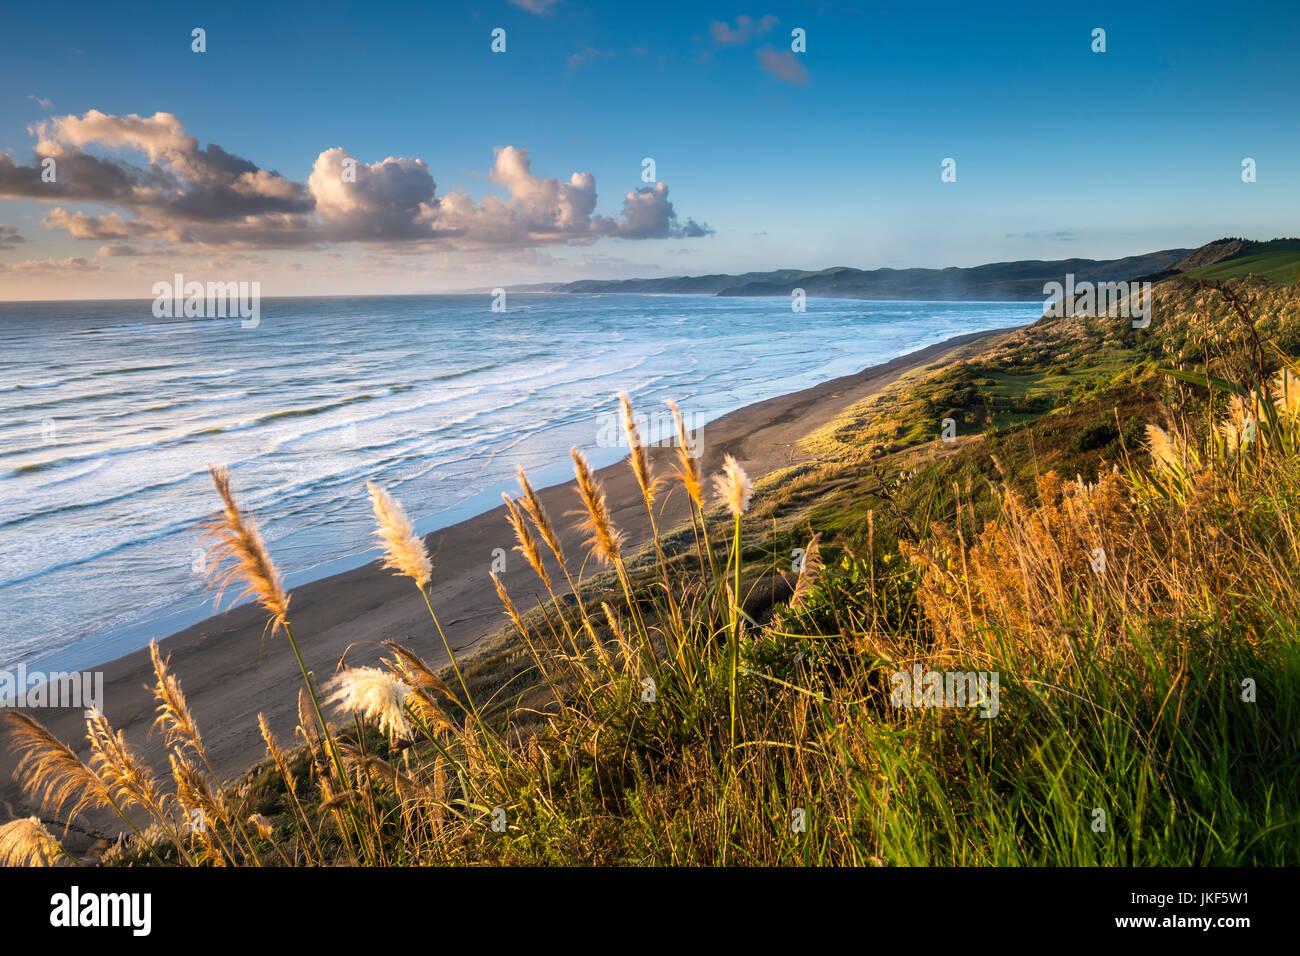 Nueva Zelanda, el norte de la isla, Raglan, ngarunui Beach en la noche Imagen De Stock